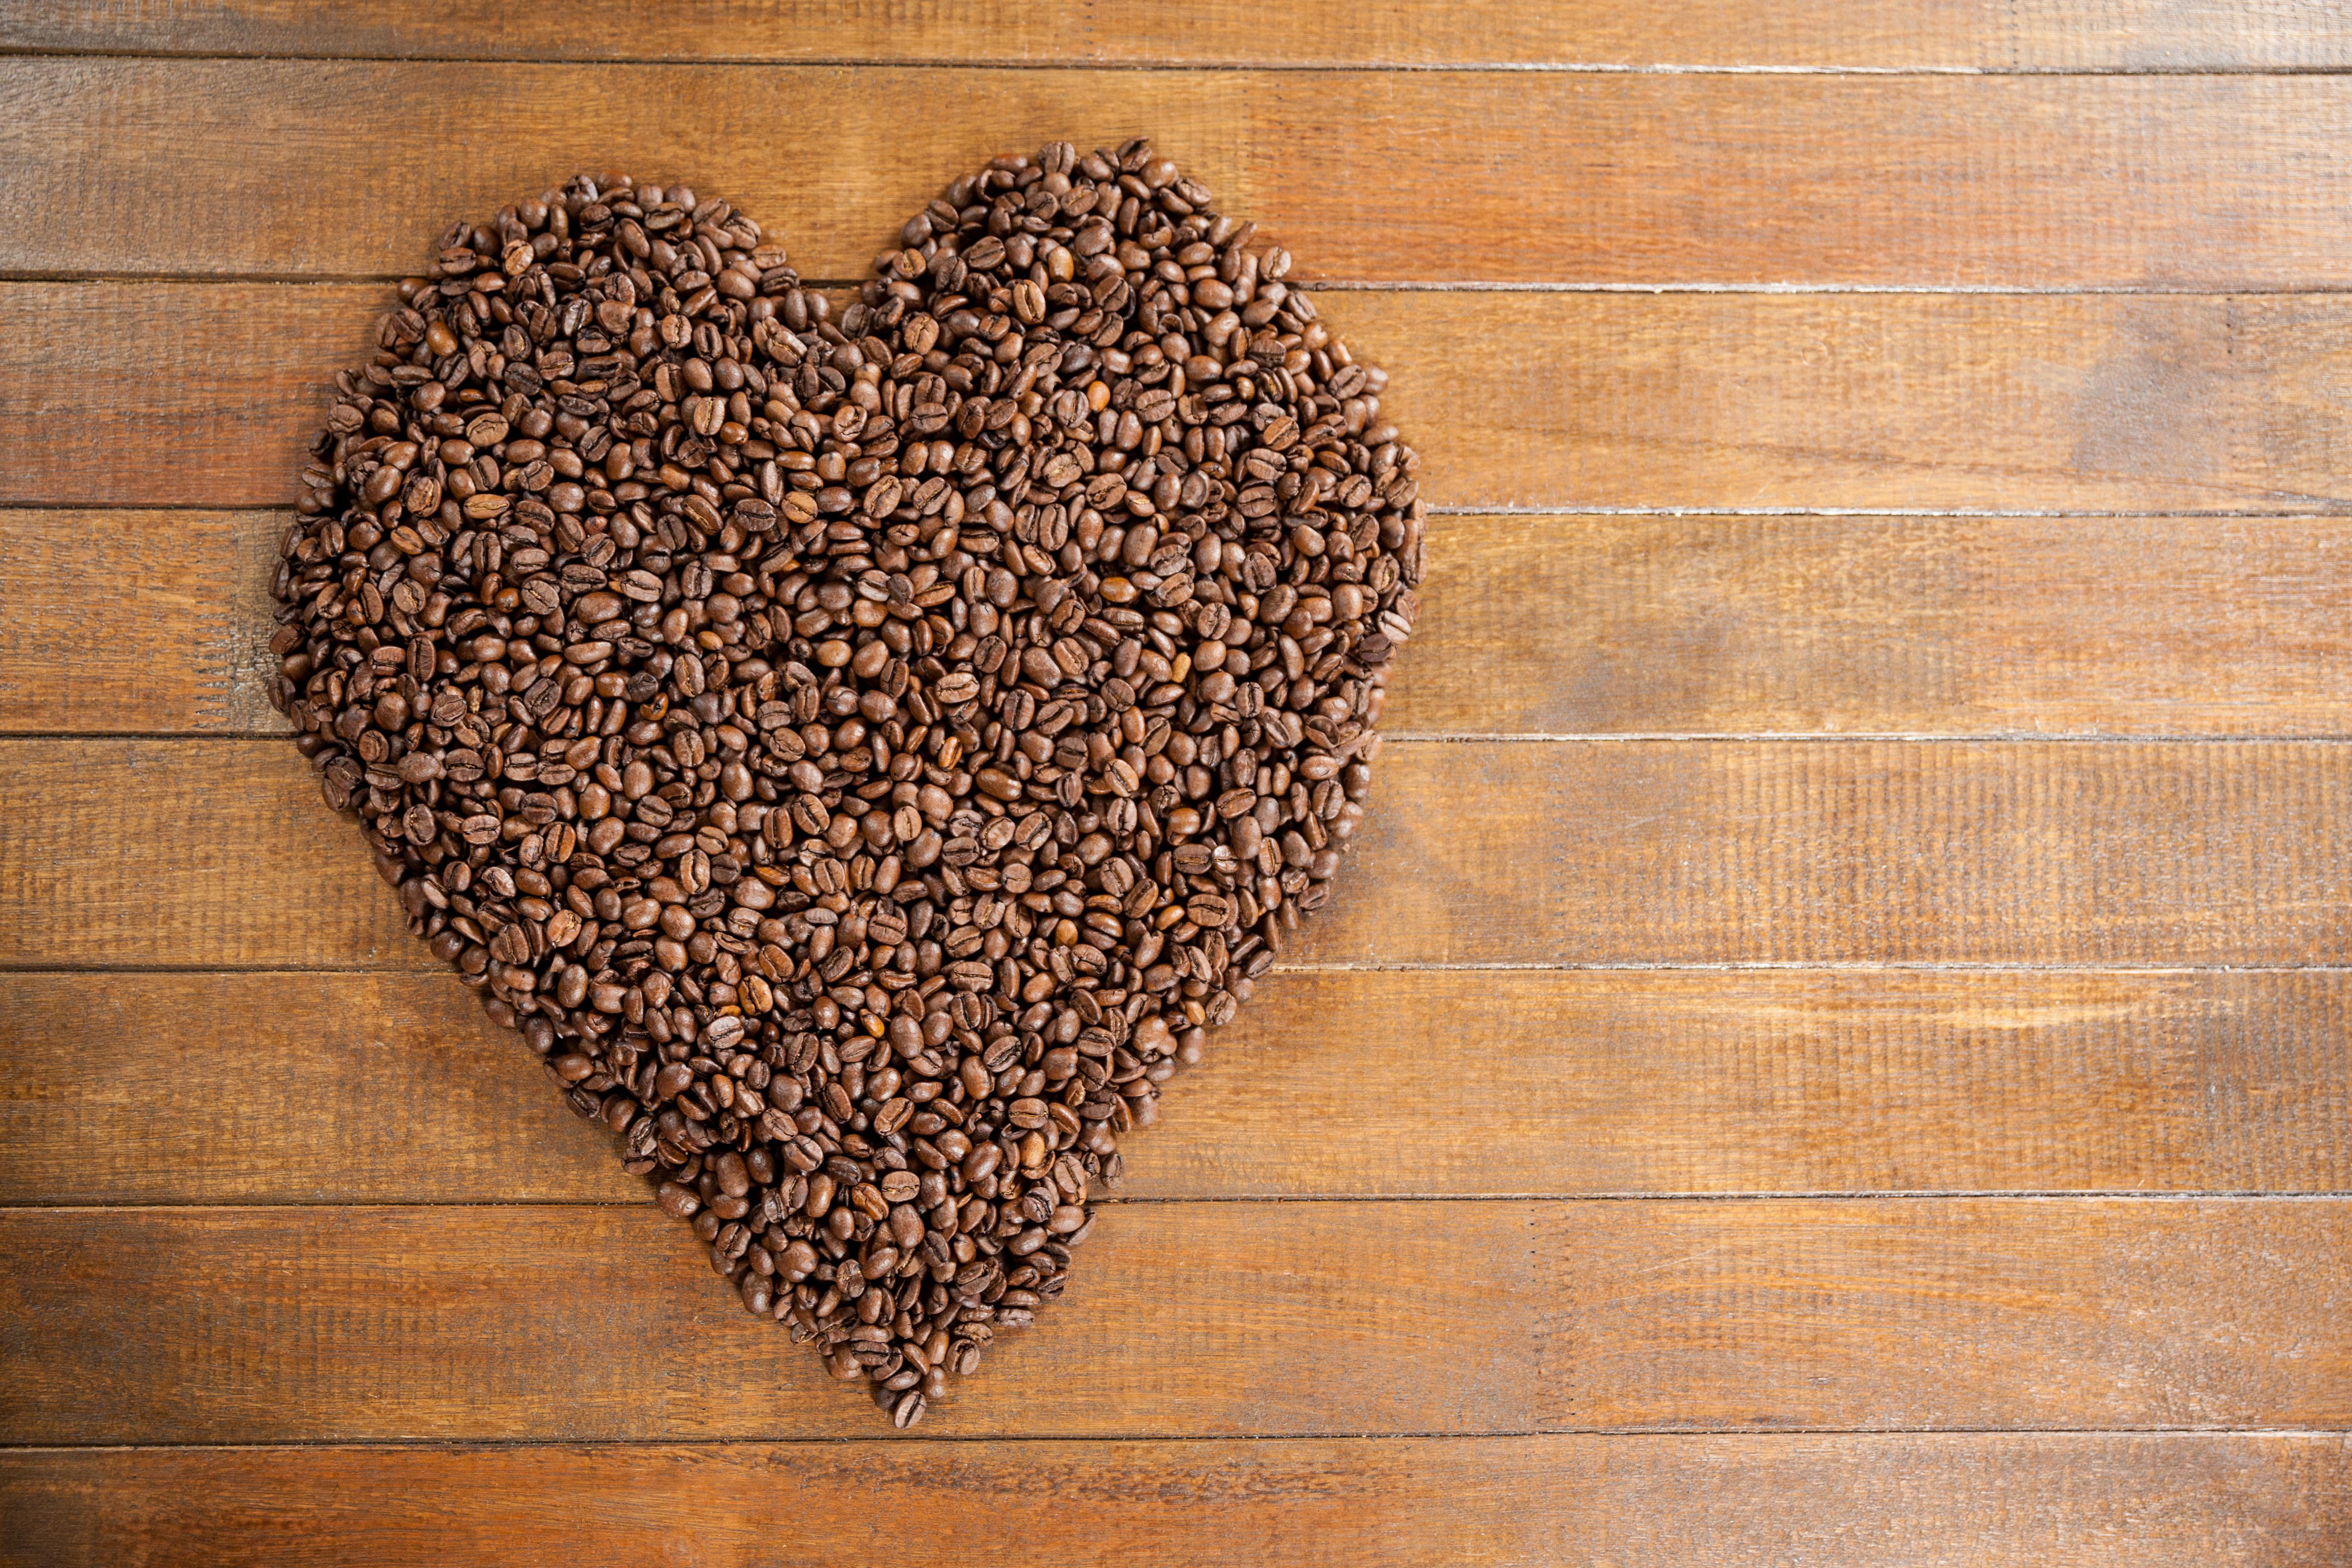 Fotos von Valentinstag Herz Kaffee Getreide Lebensmittel Bretter 5482x3655